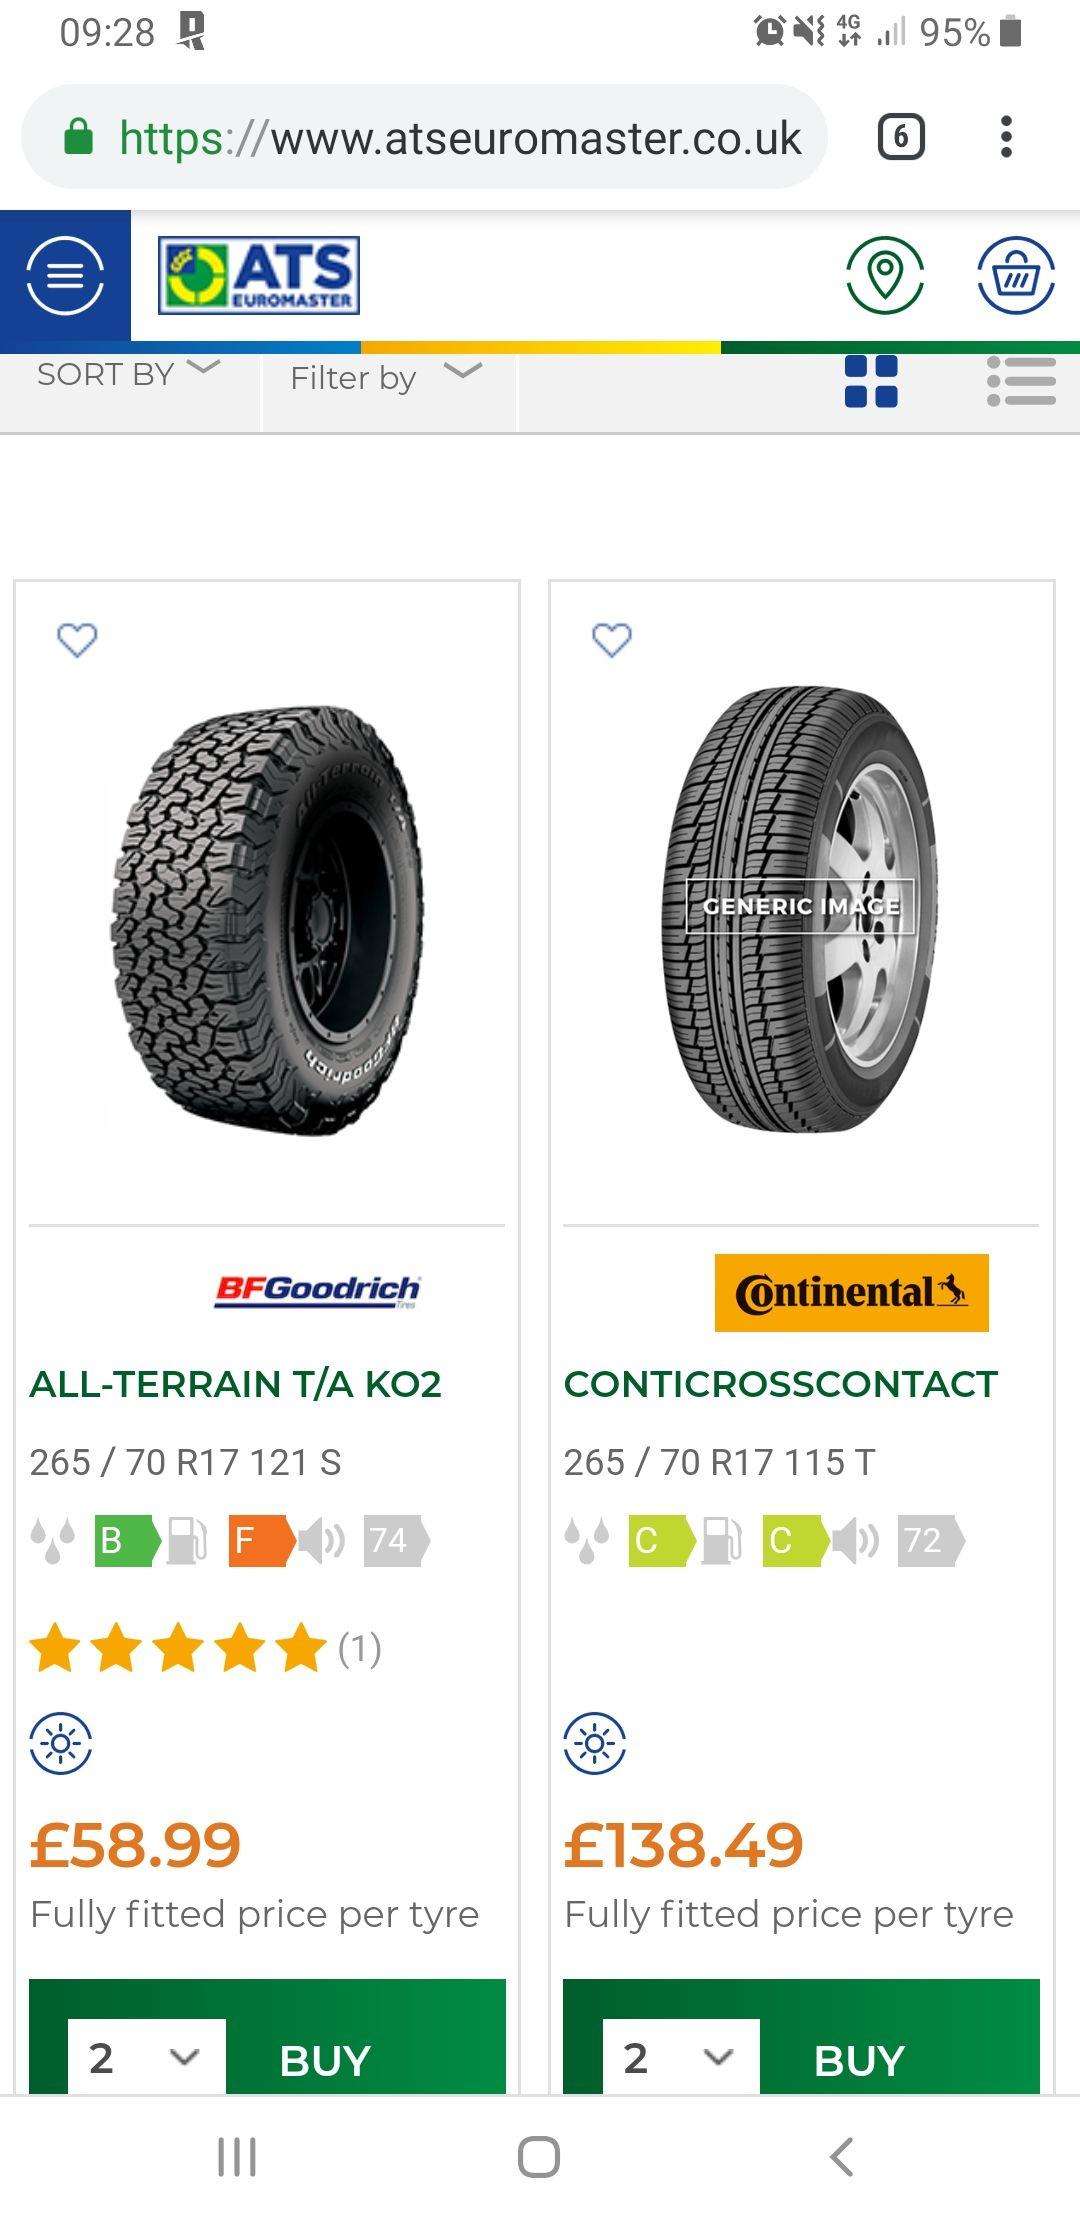 Bfg ALL-TERRAIN T/A KO2 265 70 17 Tyres - £58.98 at ATS Euromaster